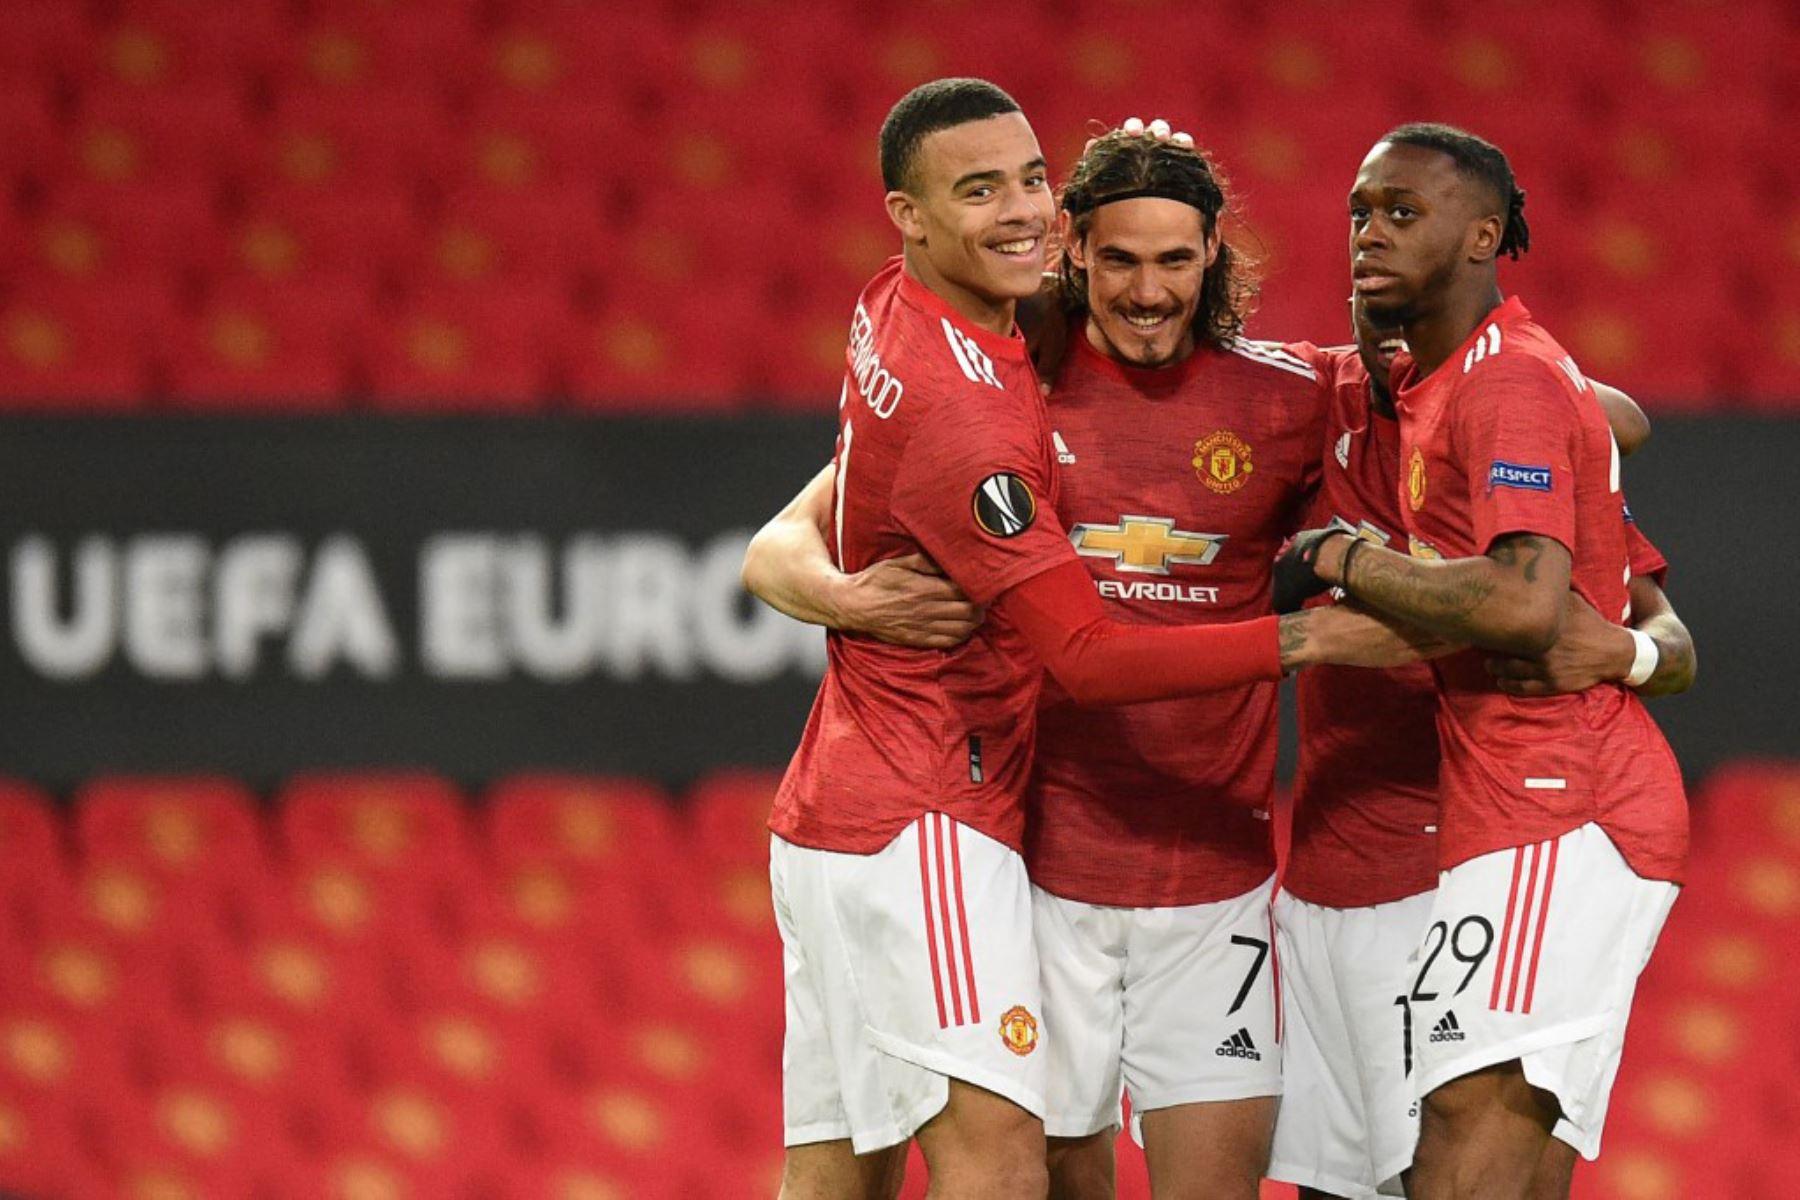 El delantero uruguayo del Manchester United Edinson Cavani (C) celebra con sus compañeros de equipo después de marcar el gol de apertura de los cuartos de final de la UEFA Europa League, partido de vuelta entre el Manchester United y el Granada.  Foto: AFP